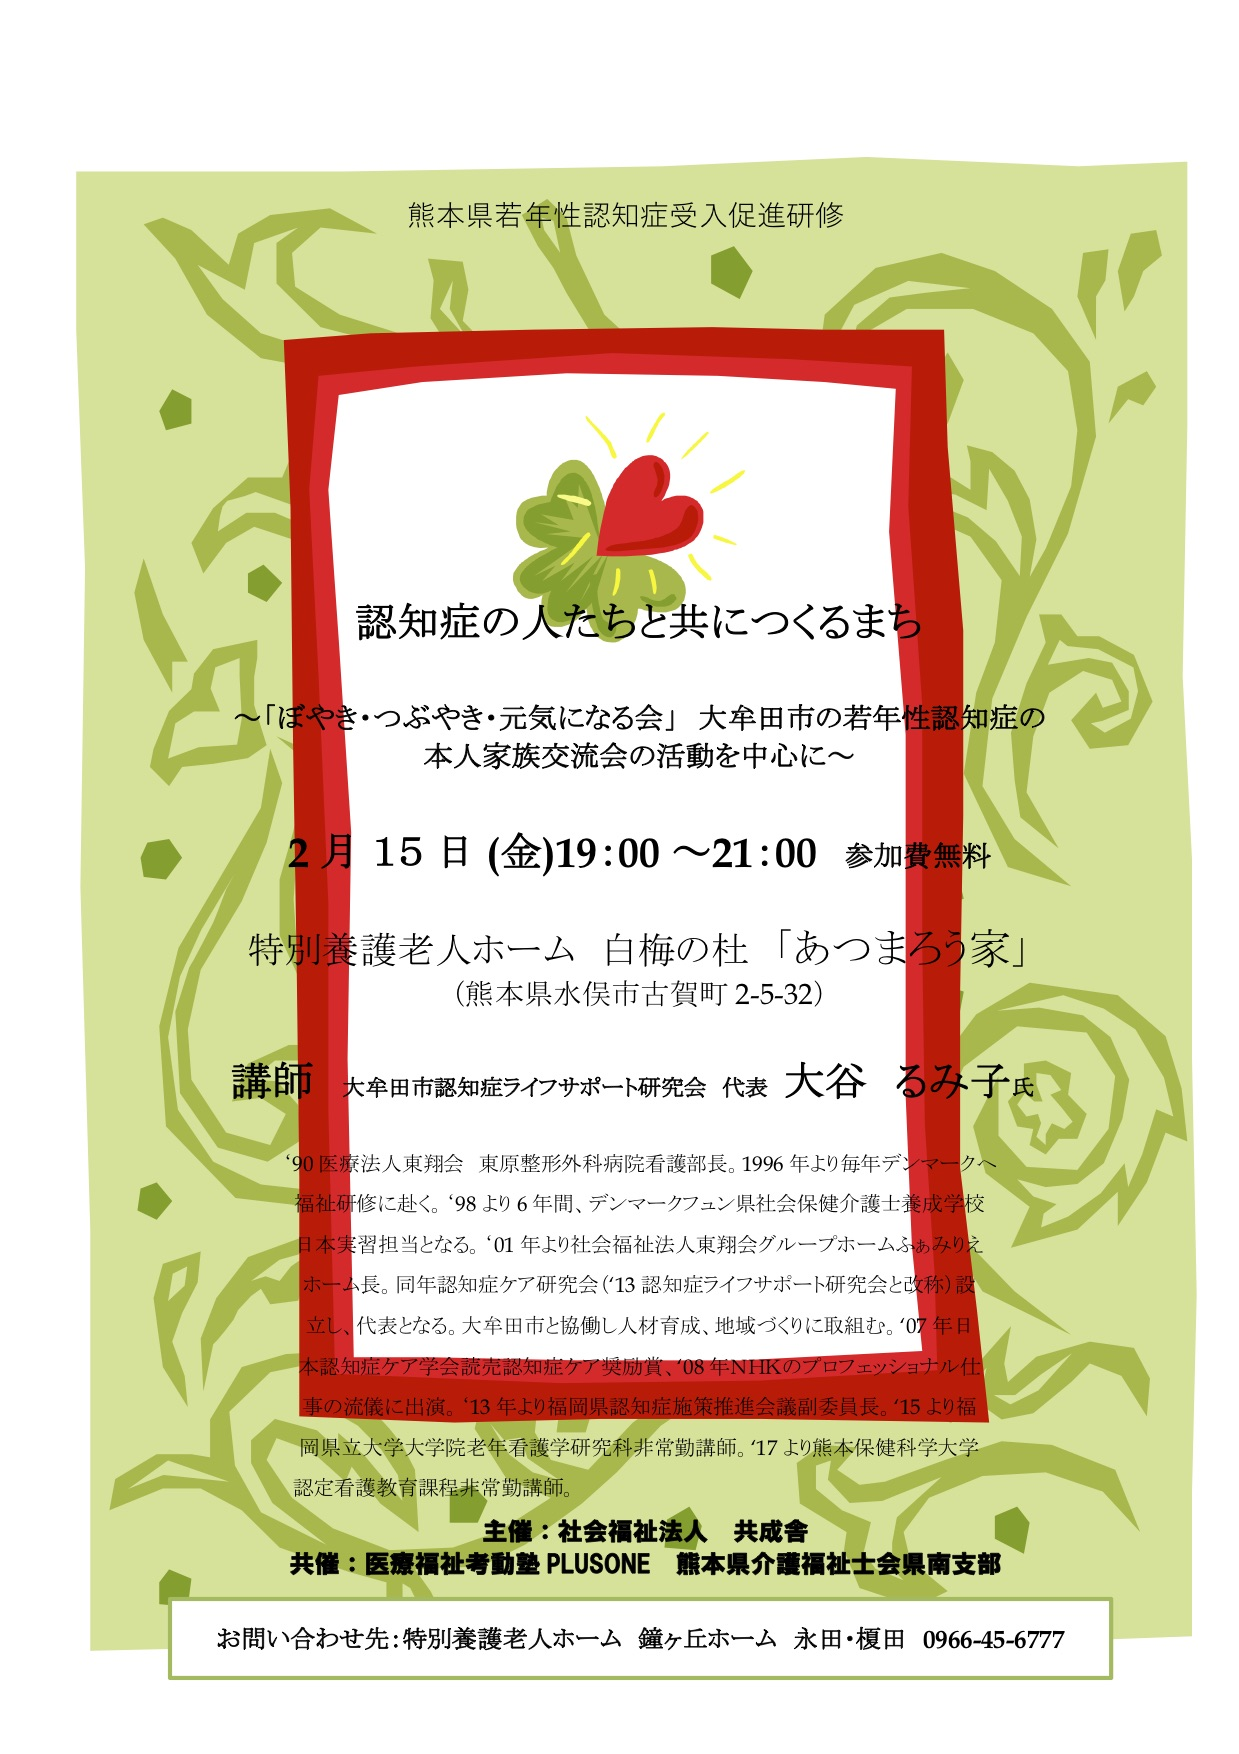 熊本県若年性認知症受入促進研修